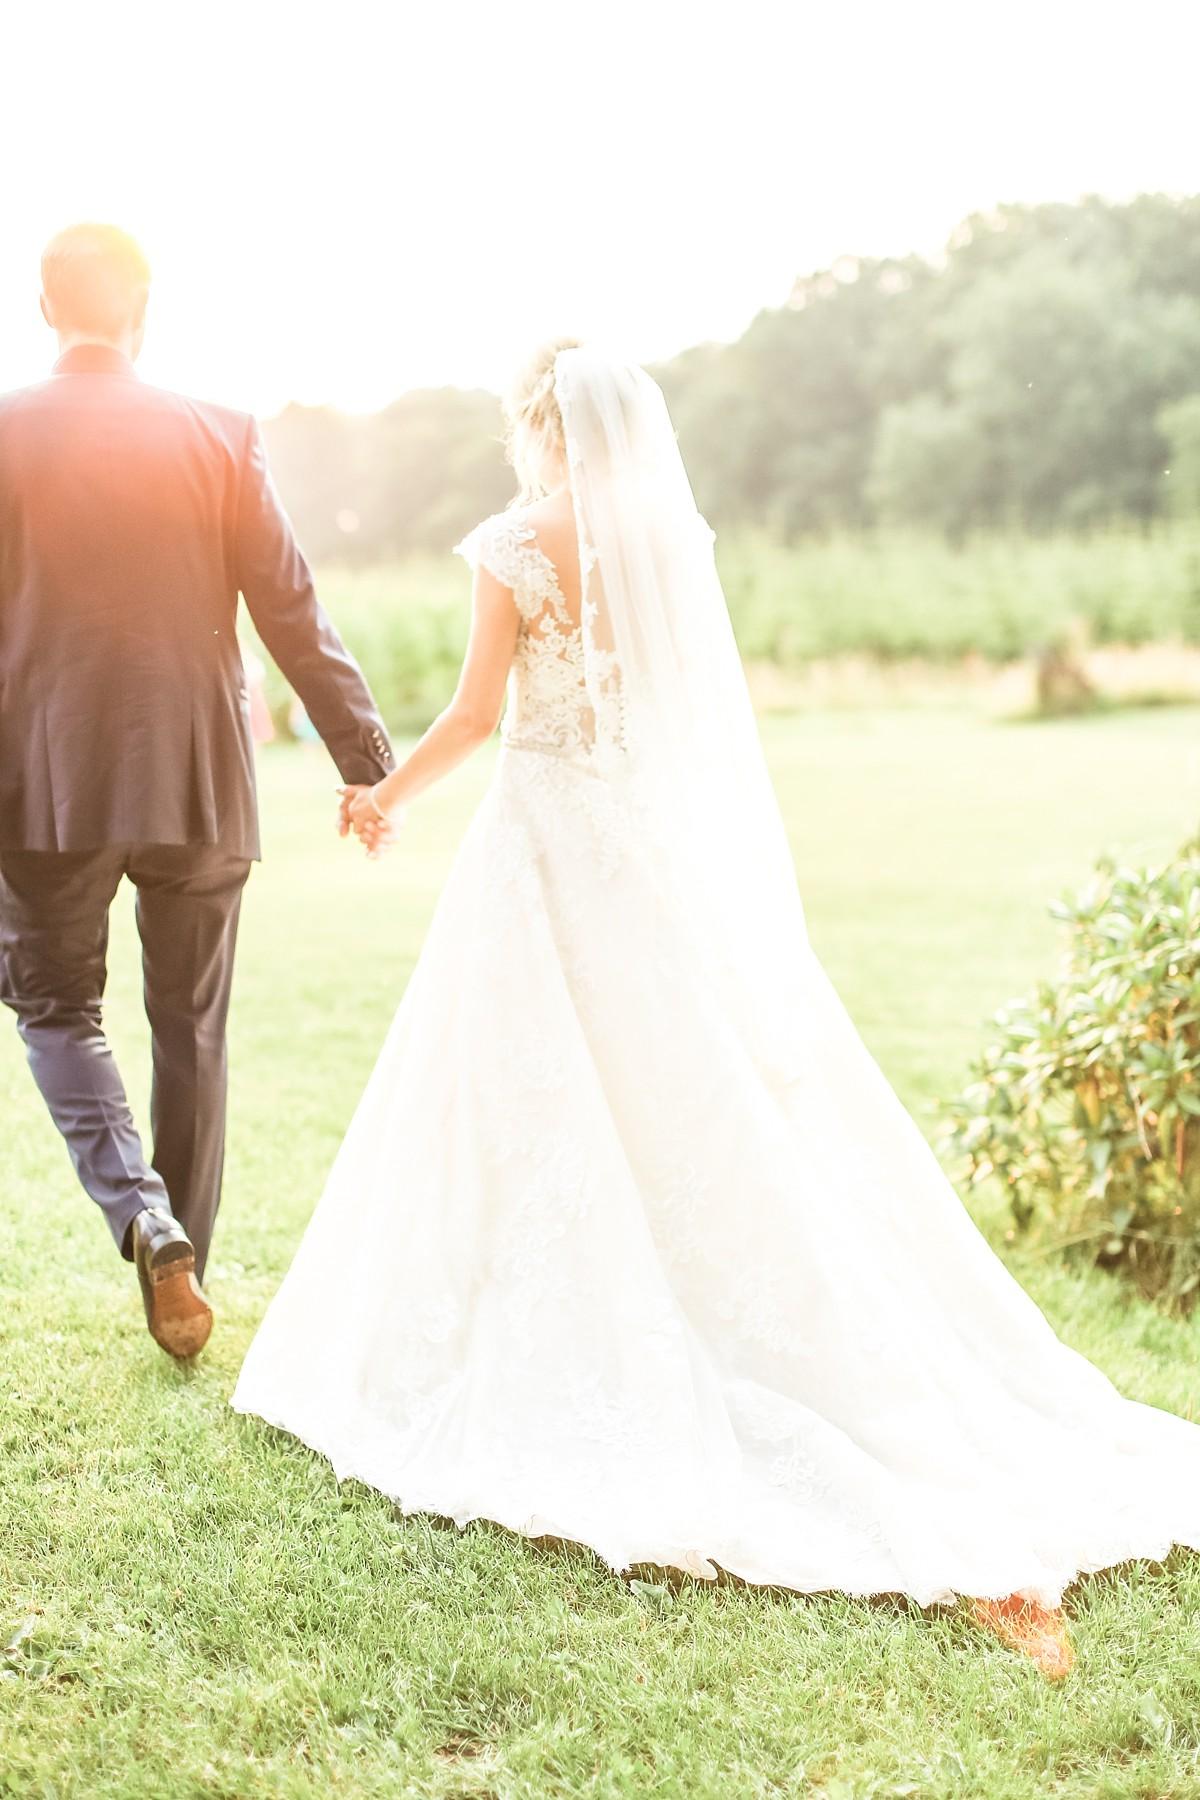 Hochzeitsfotograf-Herford-van-Laer-Fotograf-Hochzeit-Nrw_0100